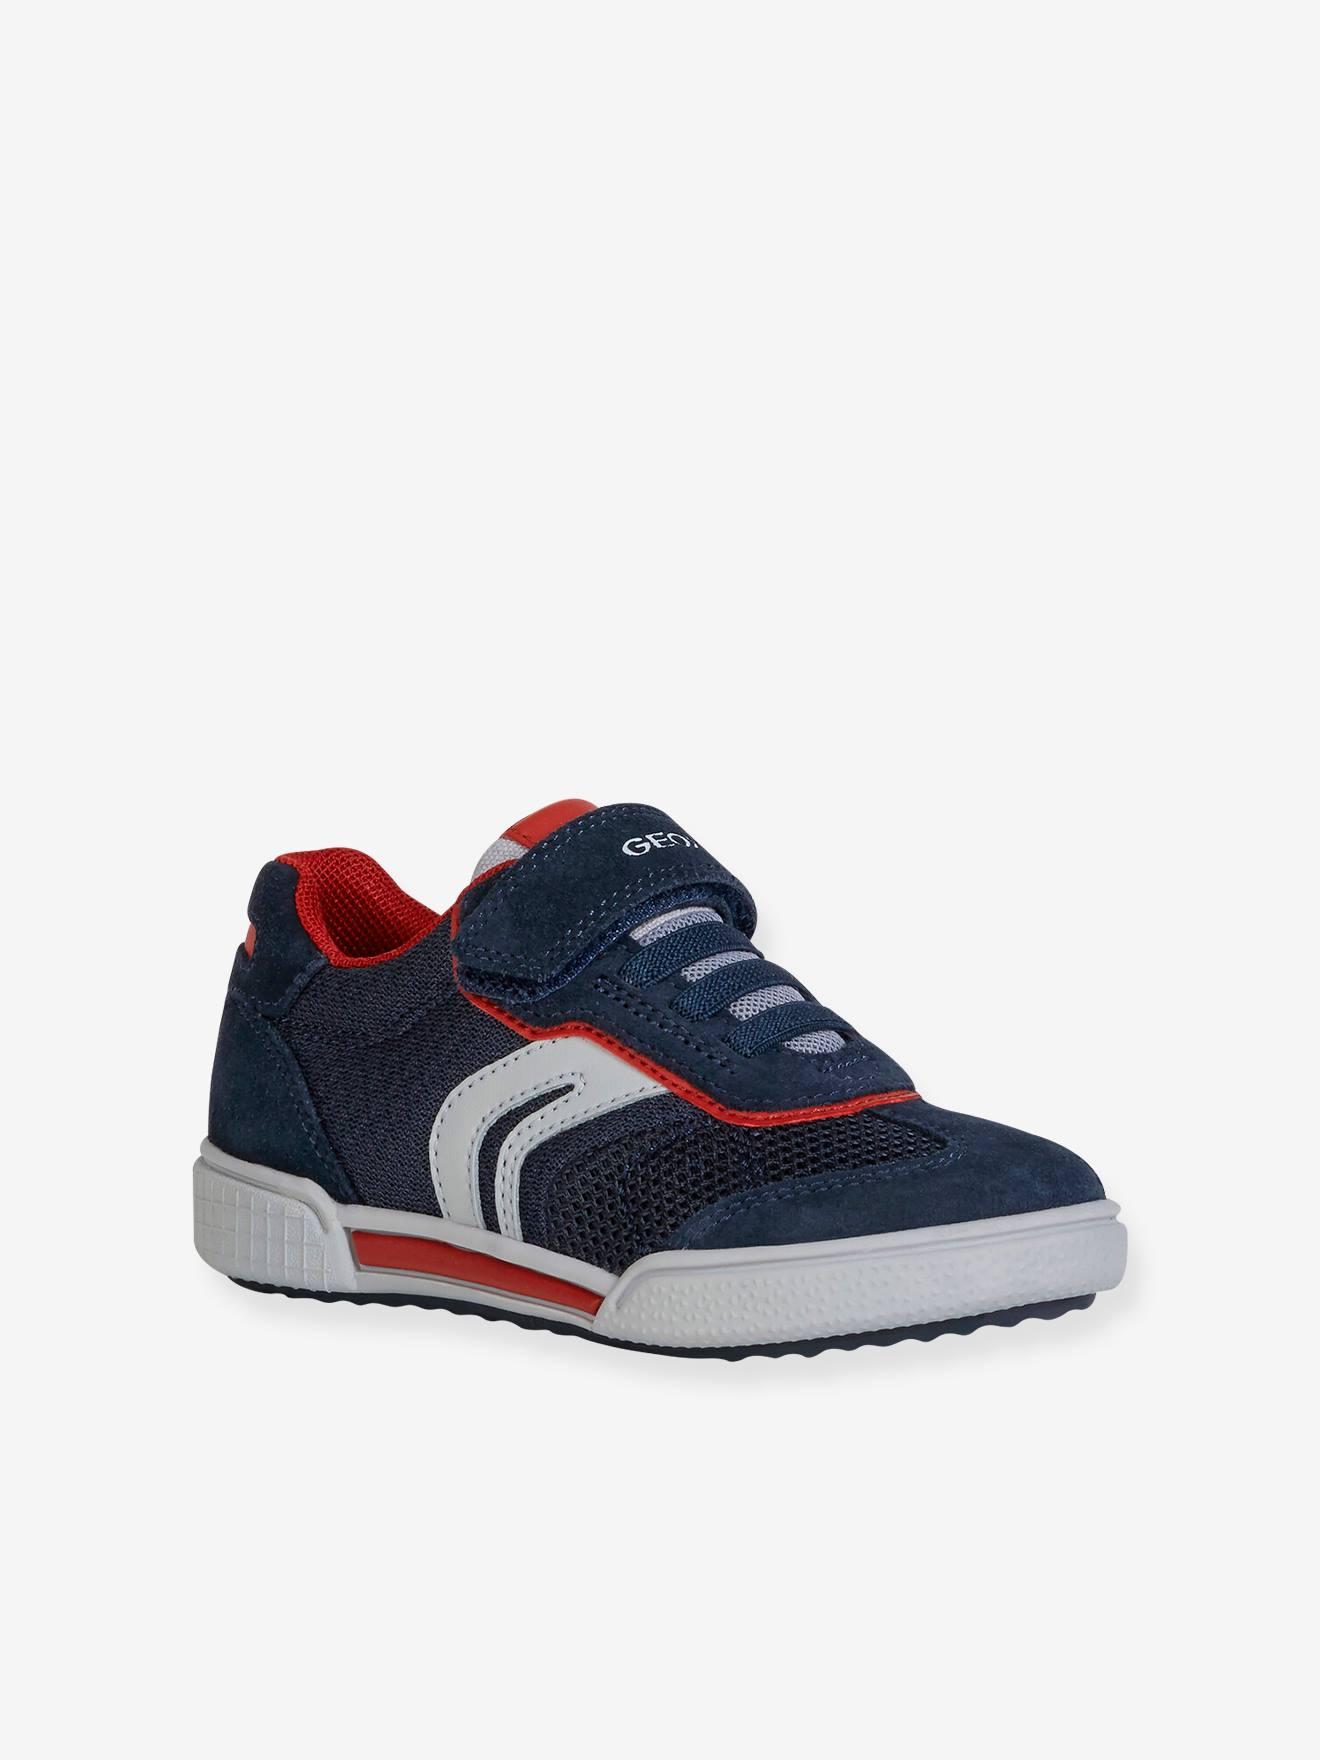 """Geox Jungen Sneakers """"Poseido"""" GEOX in marinerot ePQkl"""